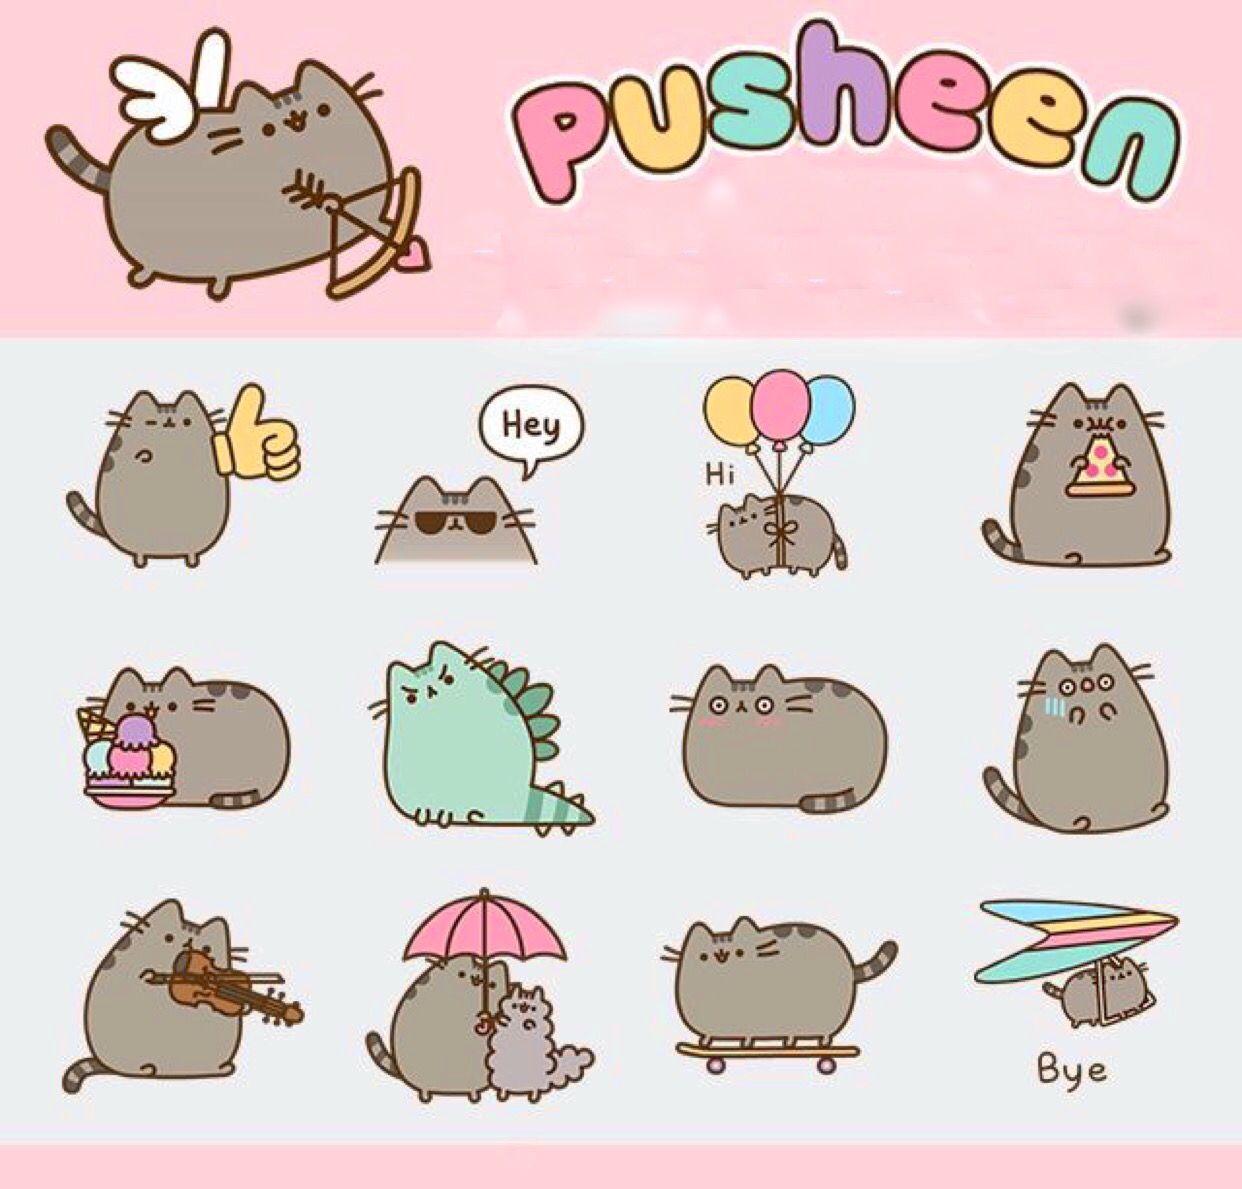 Pin By Niyanne Hinds On Pusheen Pusheen Cute Pusheen Cat Pusheen